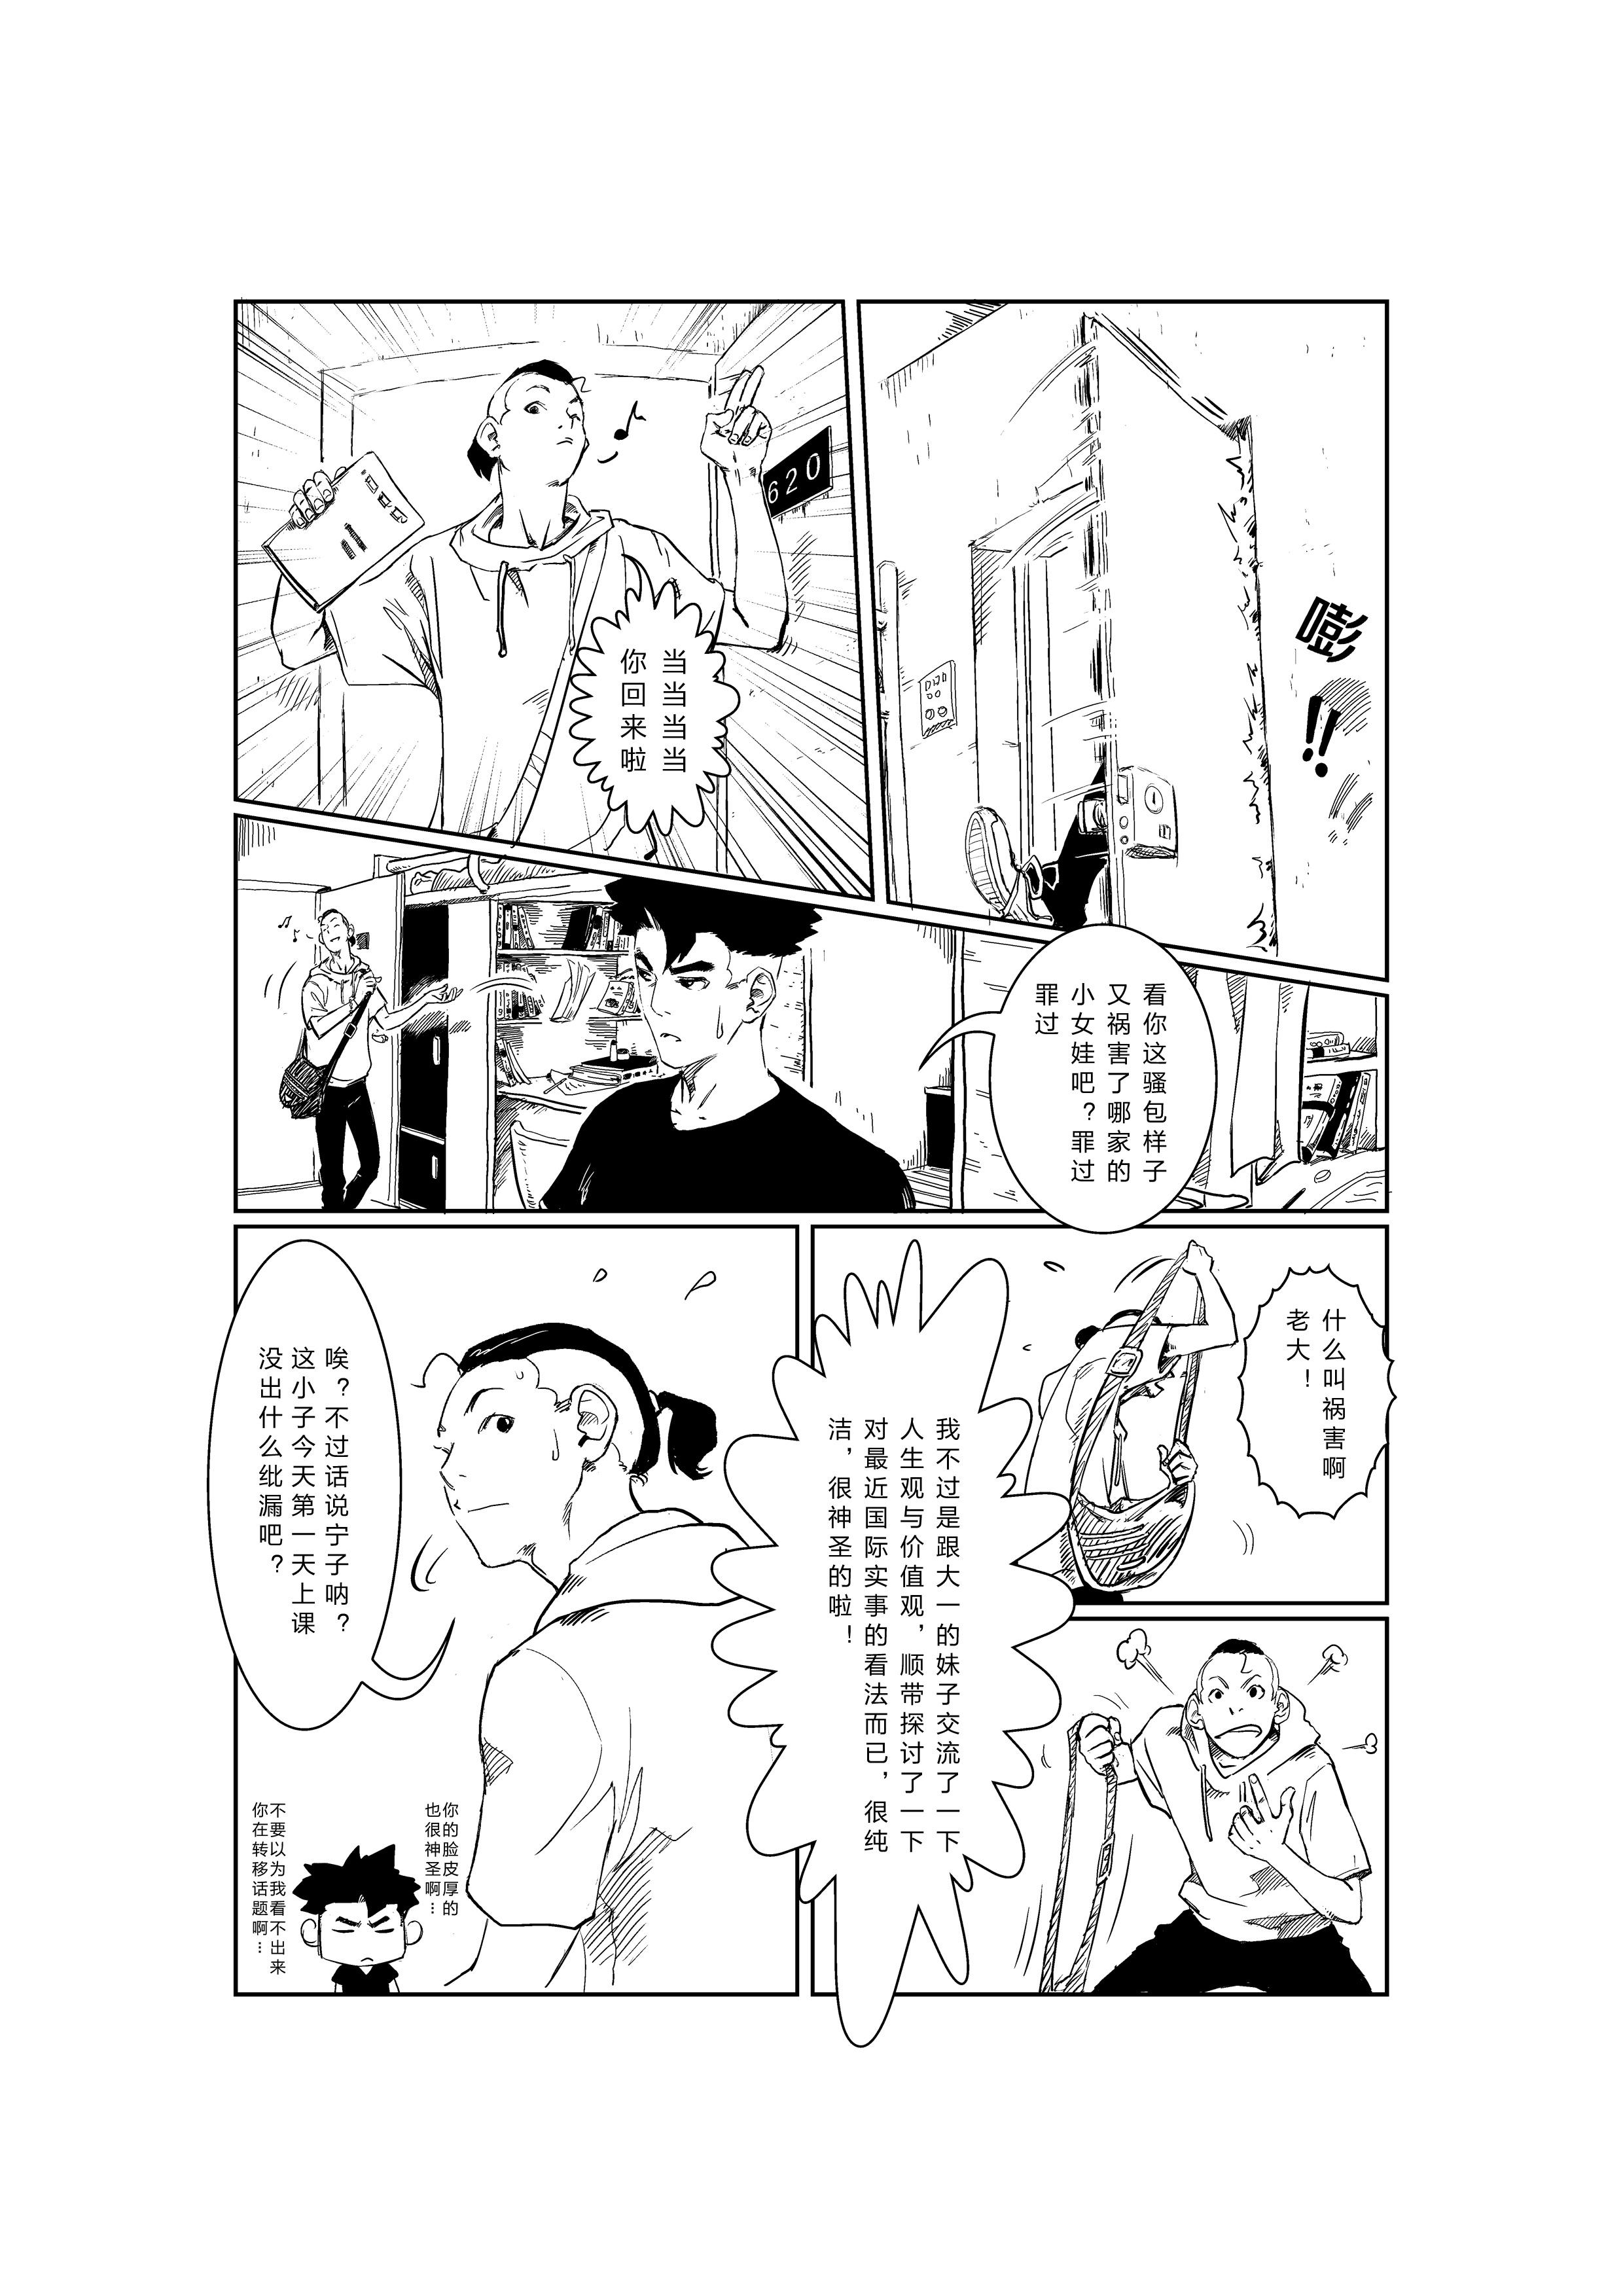 《青春BASKETBALL》原创漫画农药校园第萌篮球系王者漫画图片